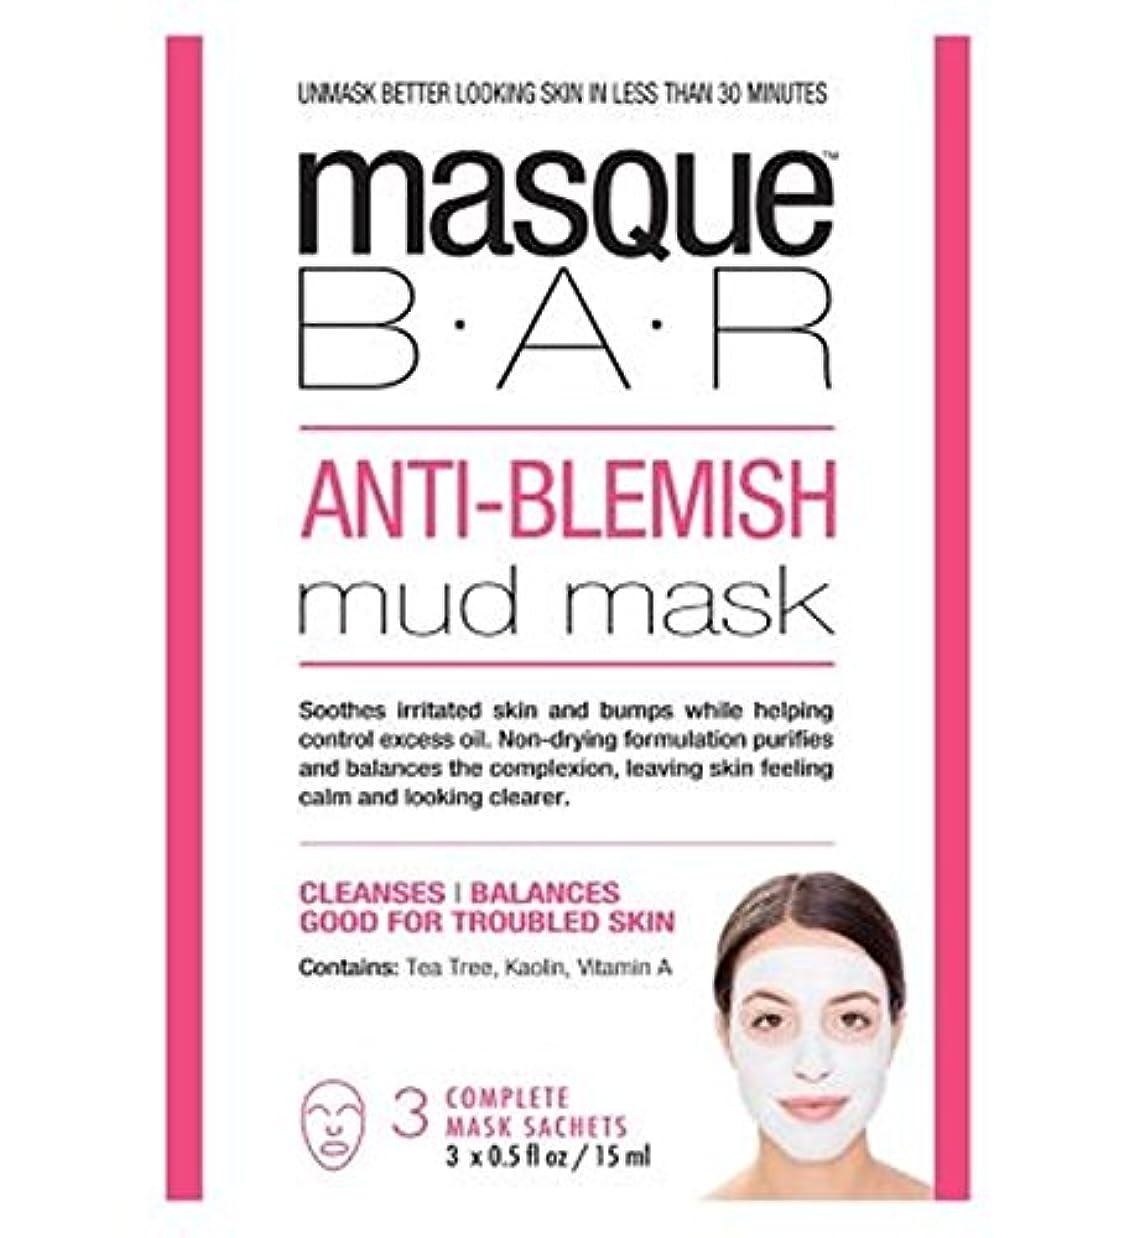 値する楽しむ命題仮面劇バー抗傷泥マスク - 3S (P6B Masque Bar Bt) (x2) - Masque Bar Anti-Blemish Mud Mask - 3s (Pack of 2) [並行輸入品]